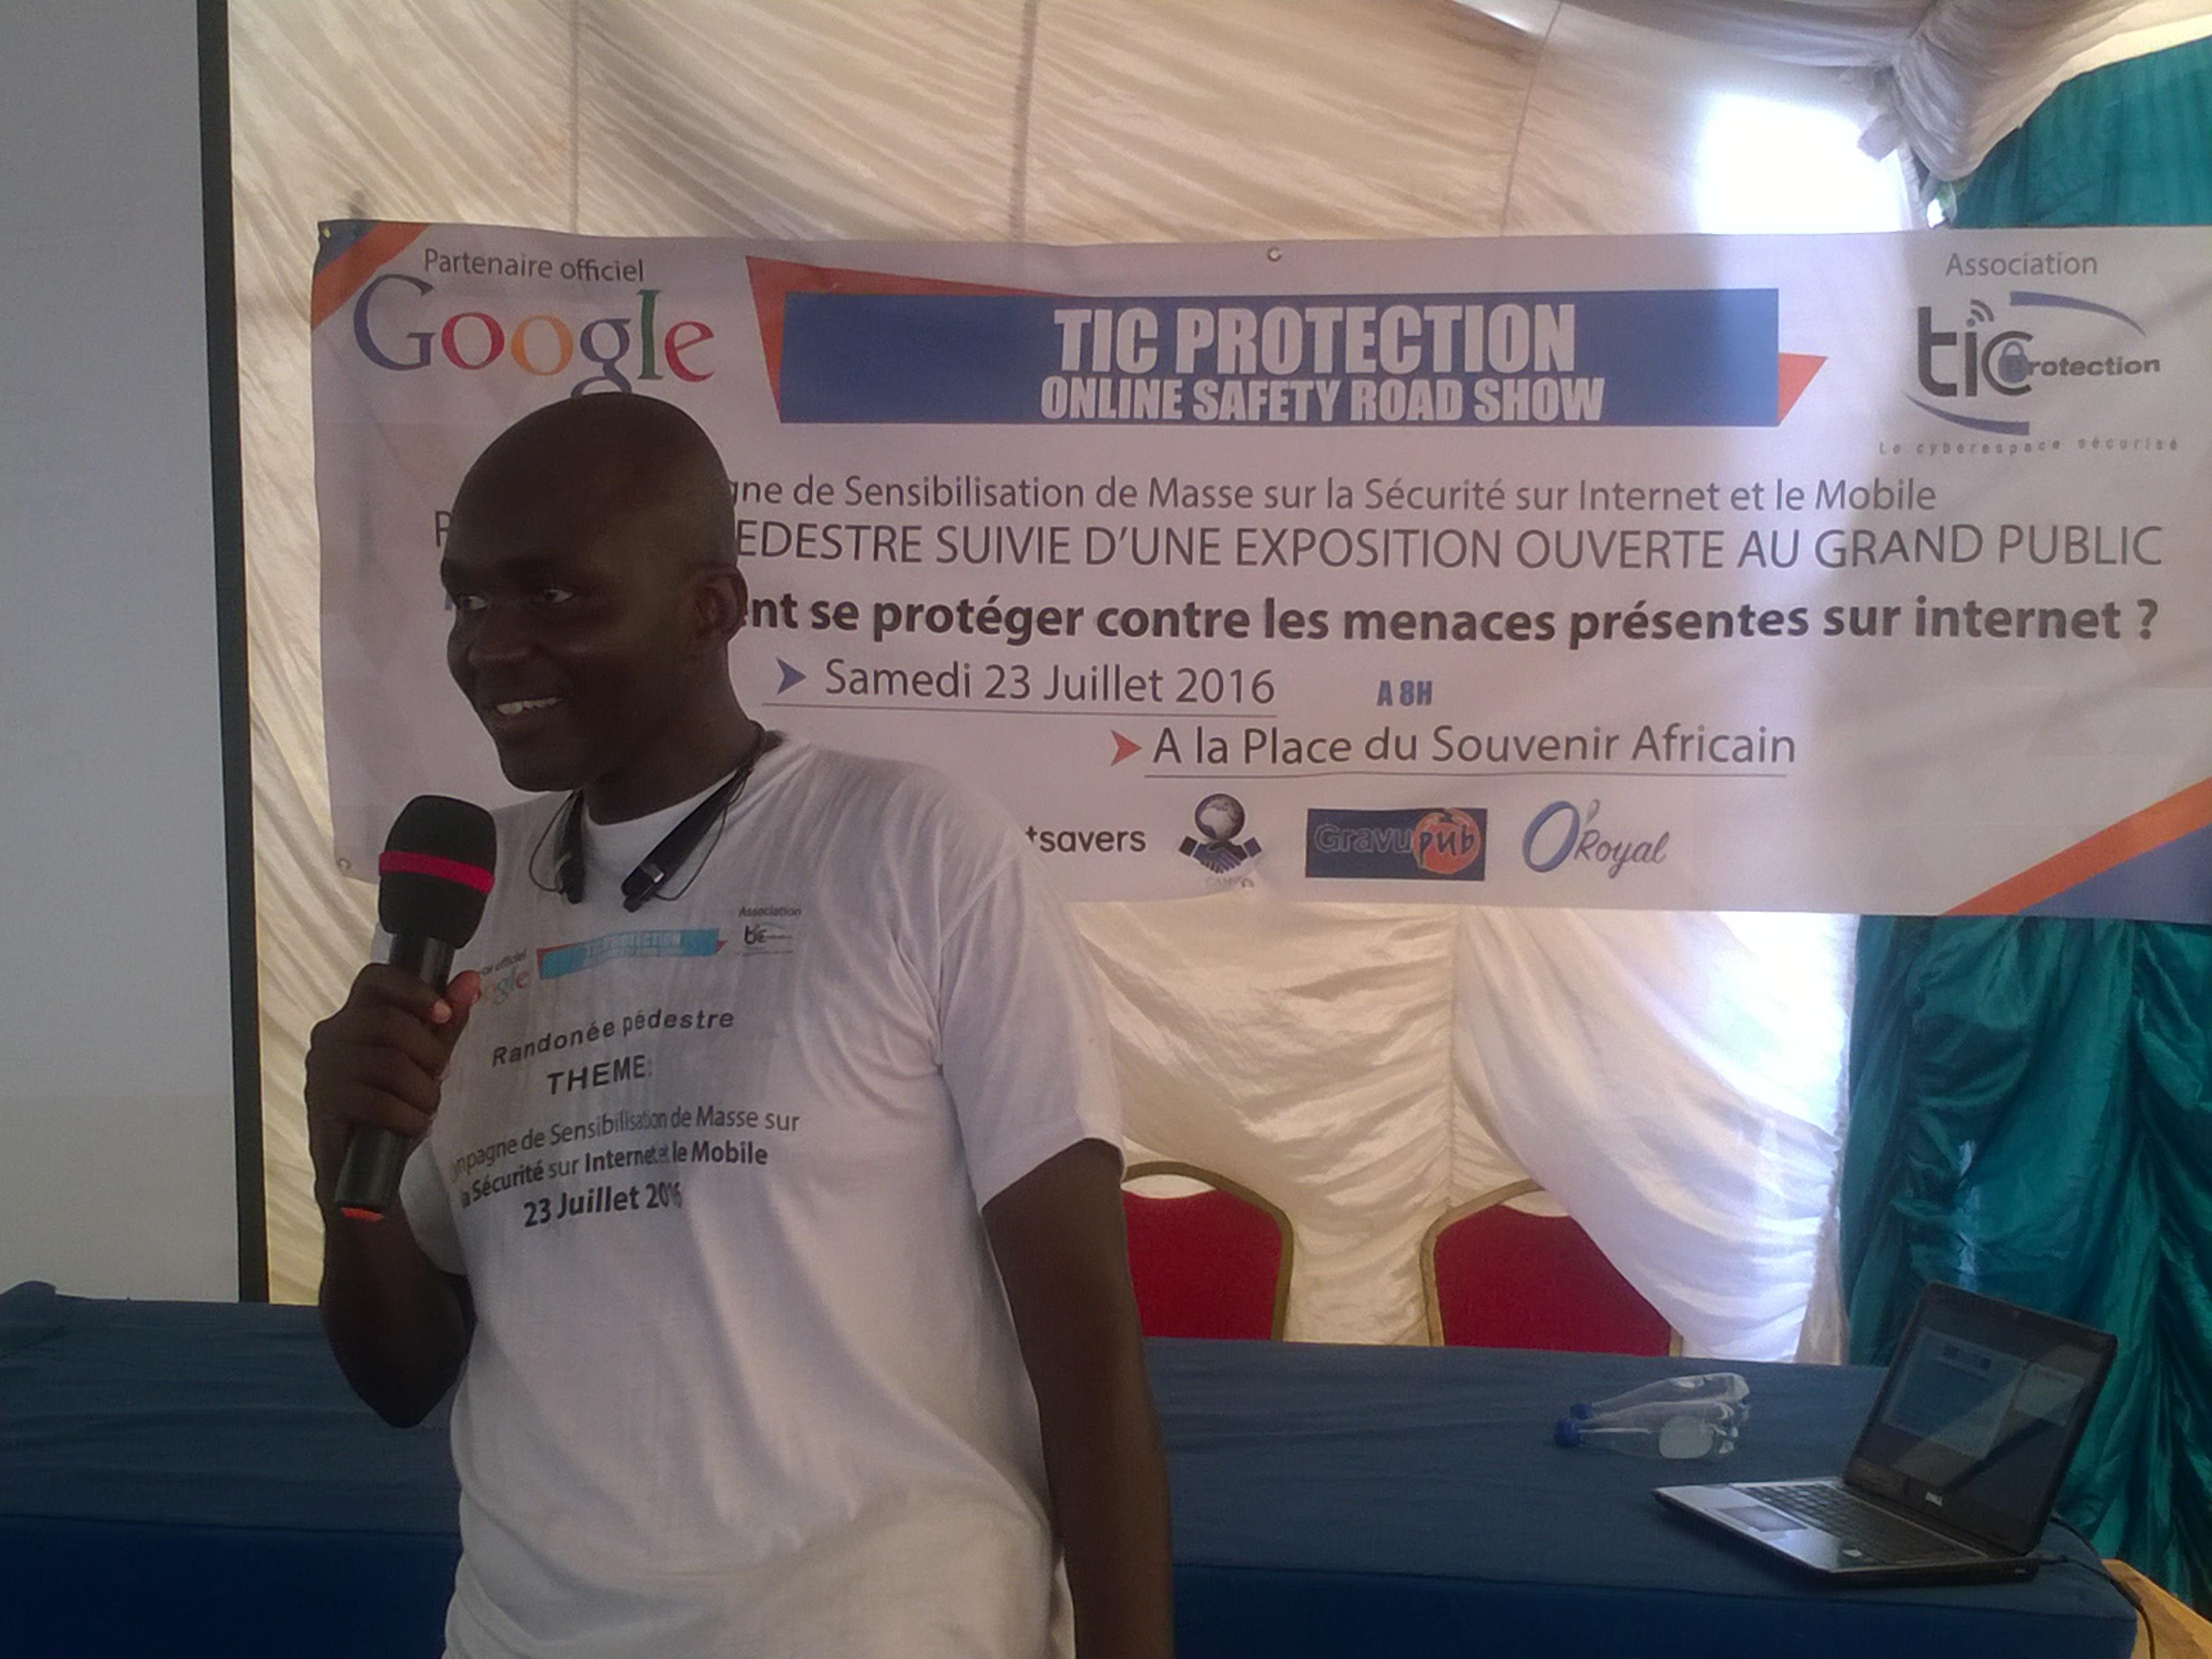 """Contre les menaces sur Internet et le mobile : """"Tic Protection"""" en campagne de sensibilisation"""